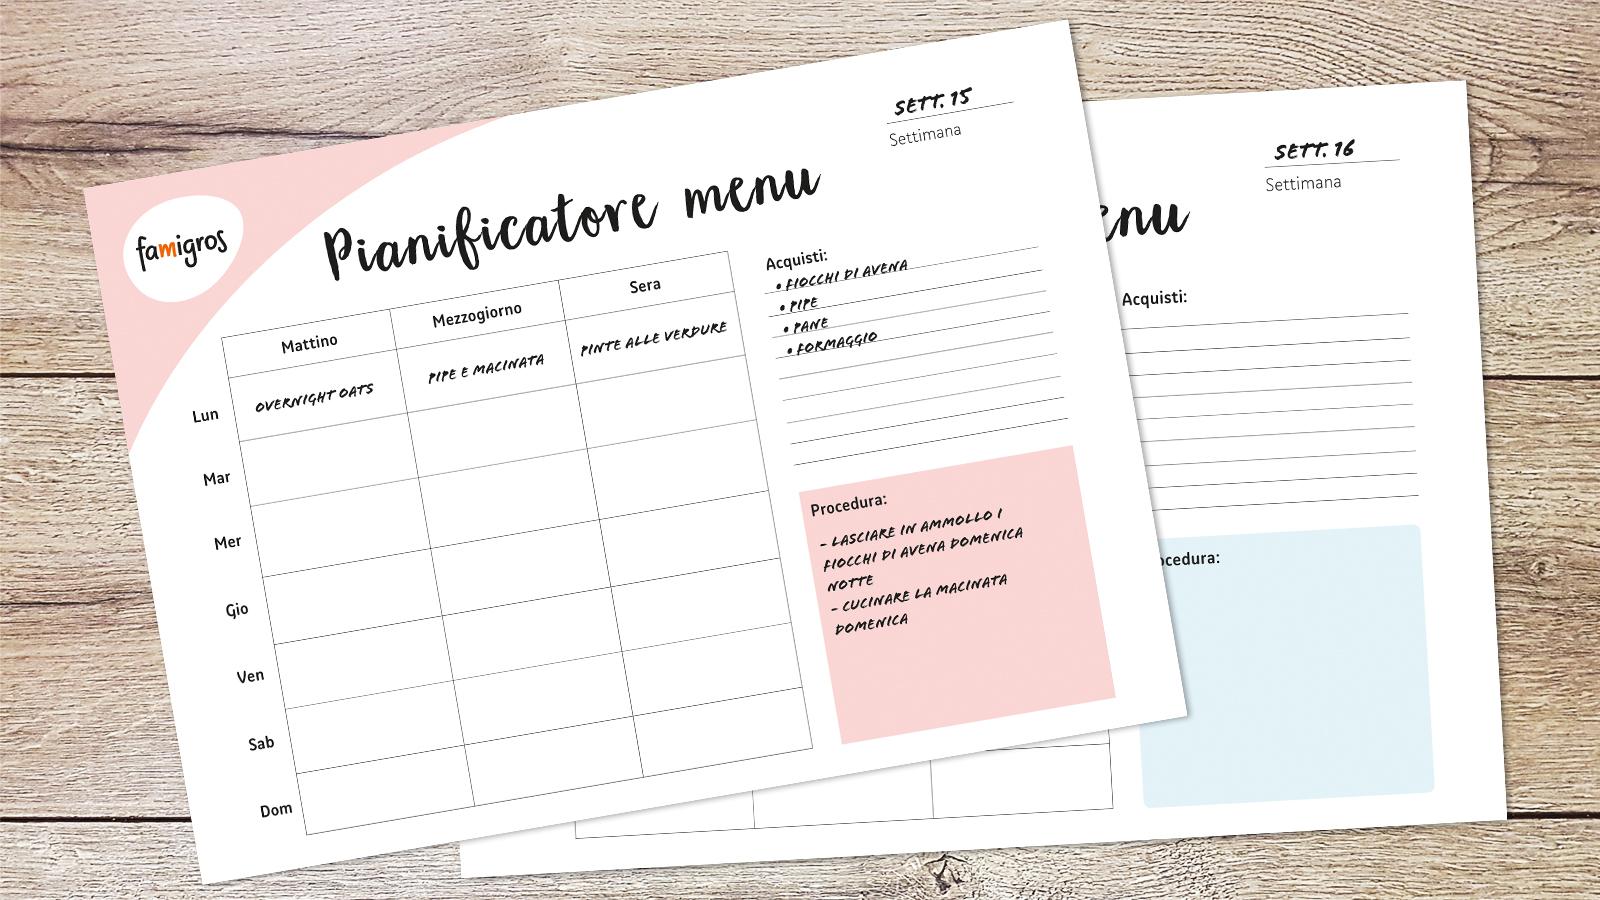 Come Organizzare I Pasti Settimanali il piano alimentare settimanale per famiglie suggerisce